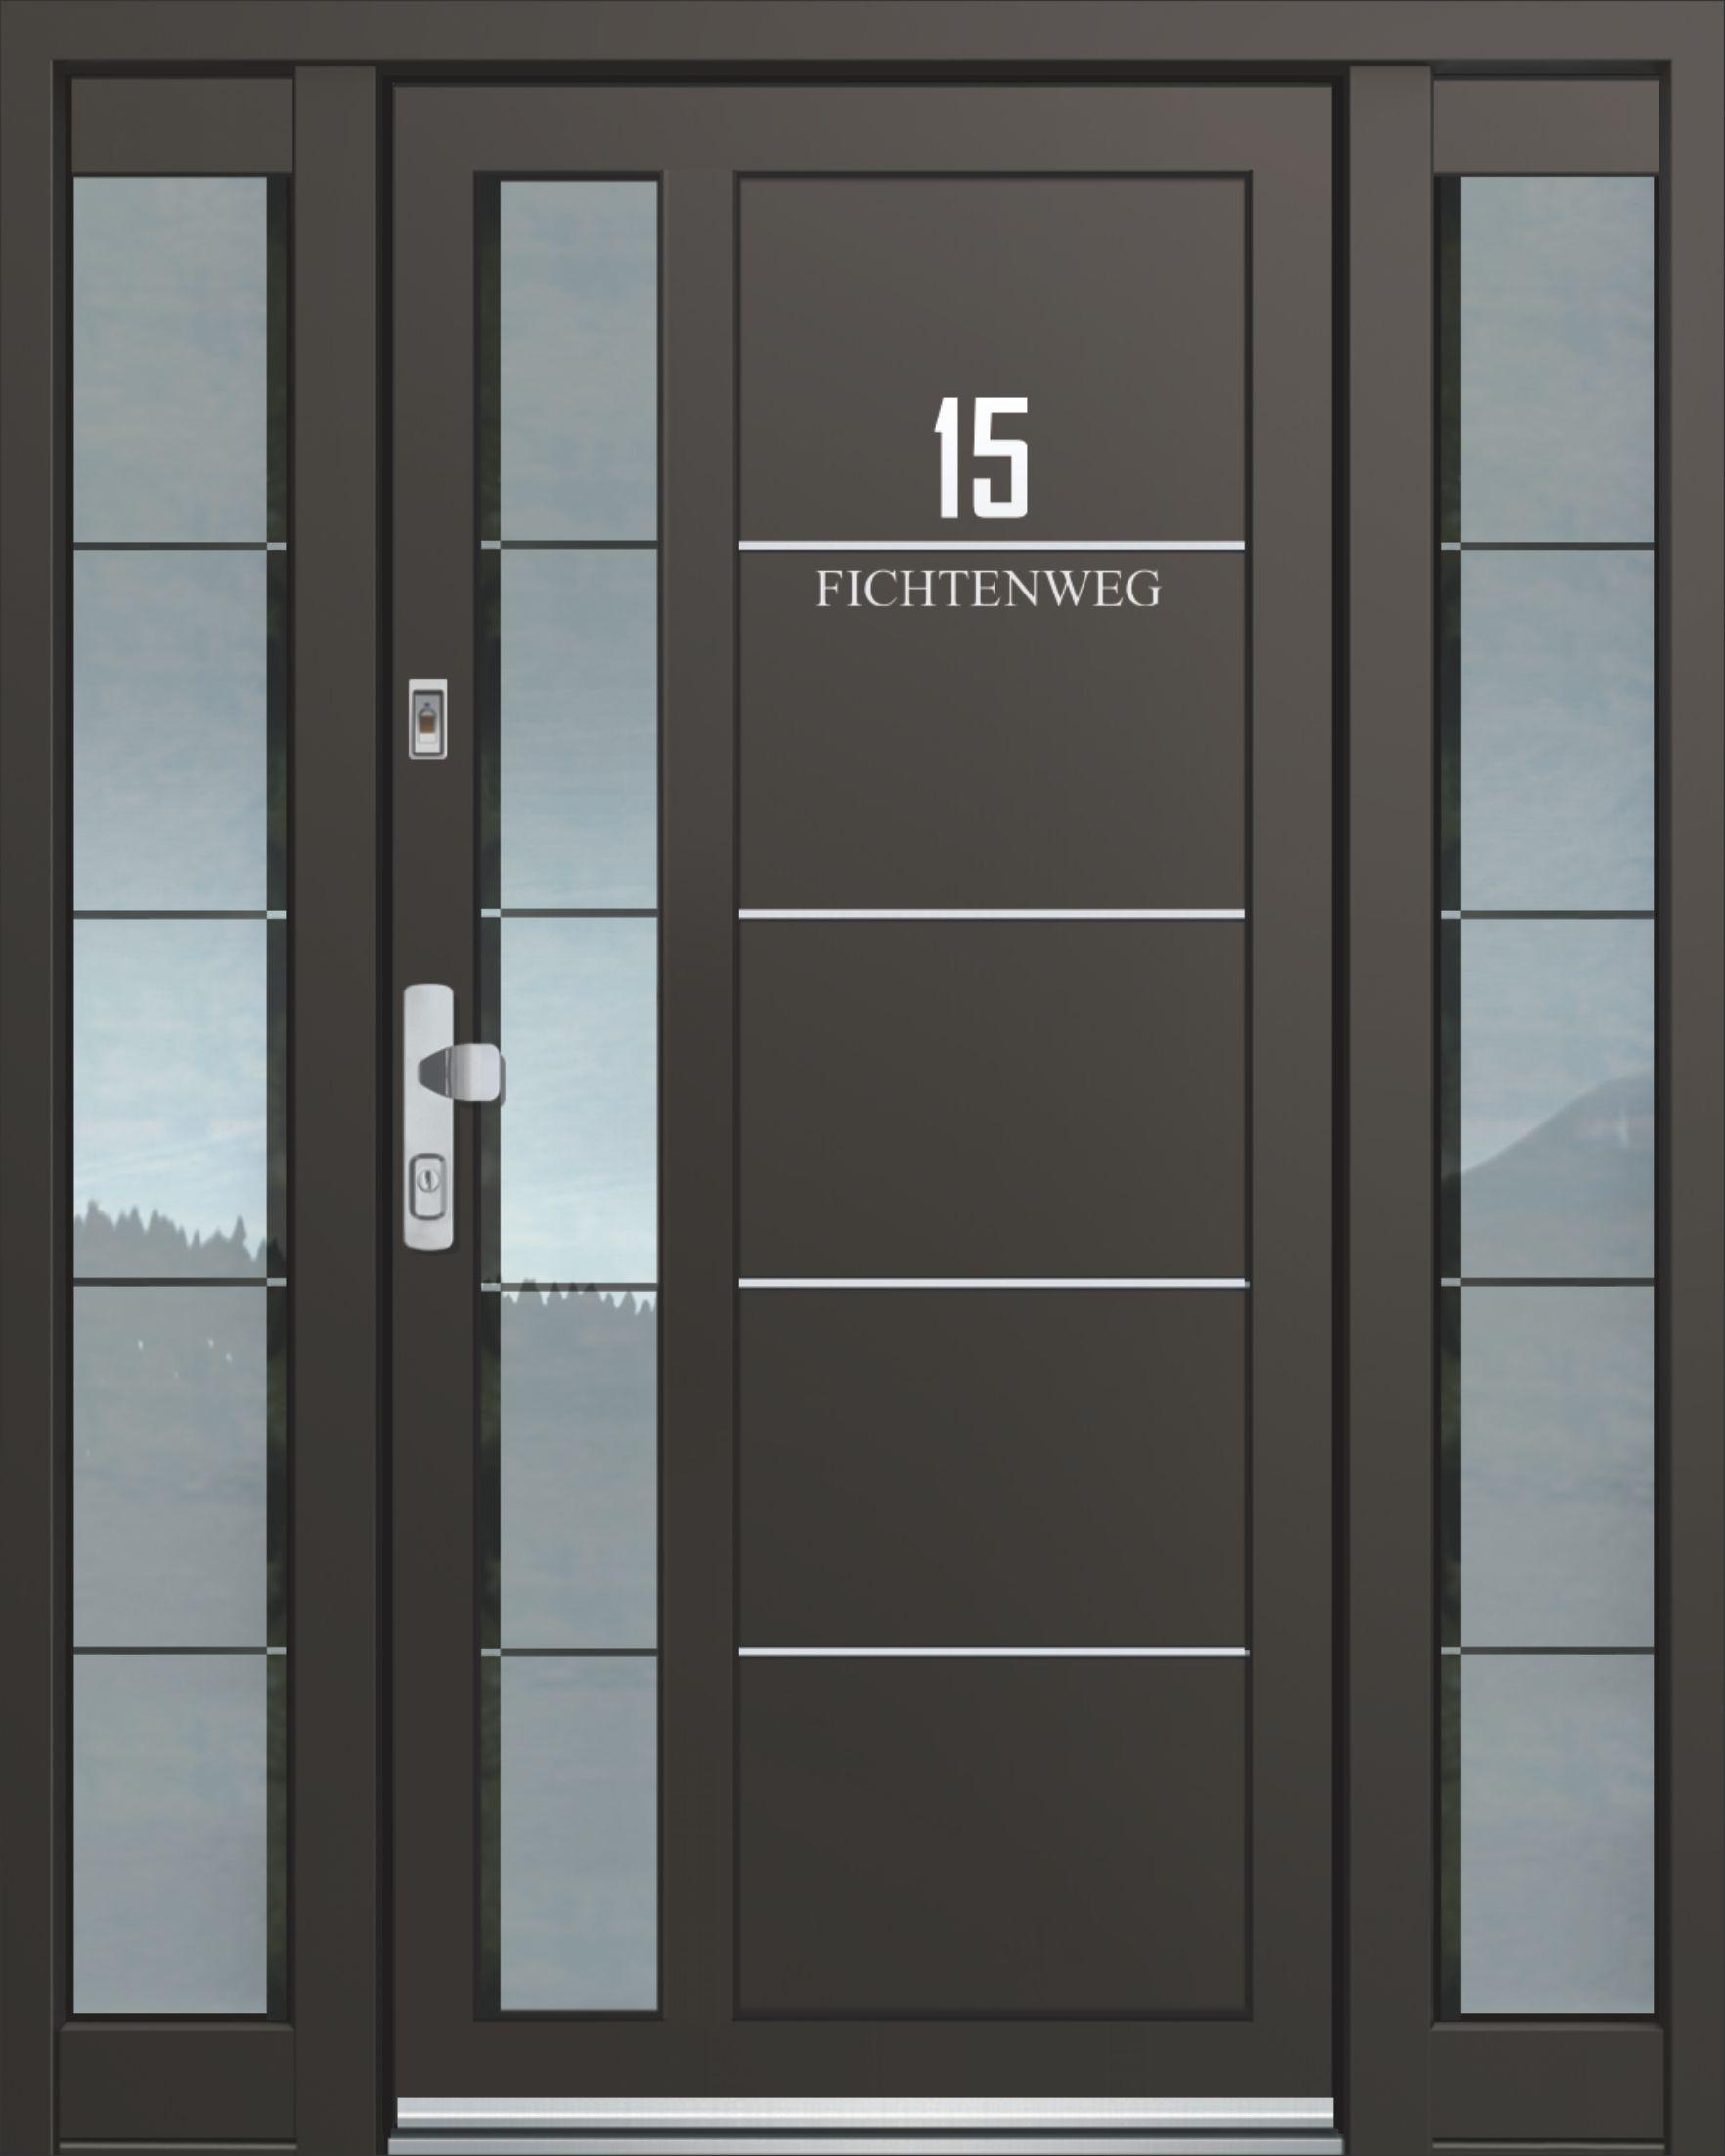 Elegant Inotherm Haustür Modell ASS 1795 Tür Mit Viel Glas Preis Auf Anfrage Bei  Www.1001